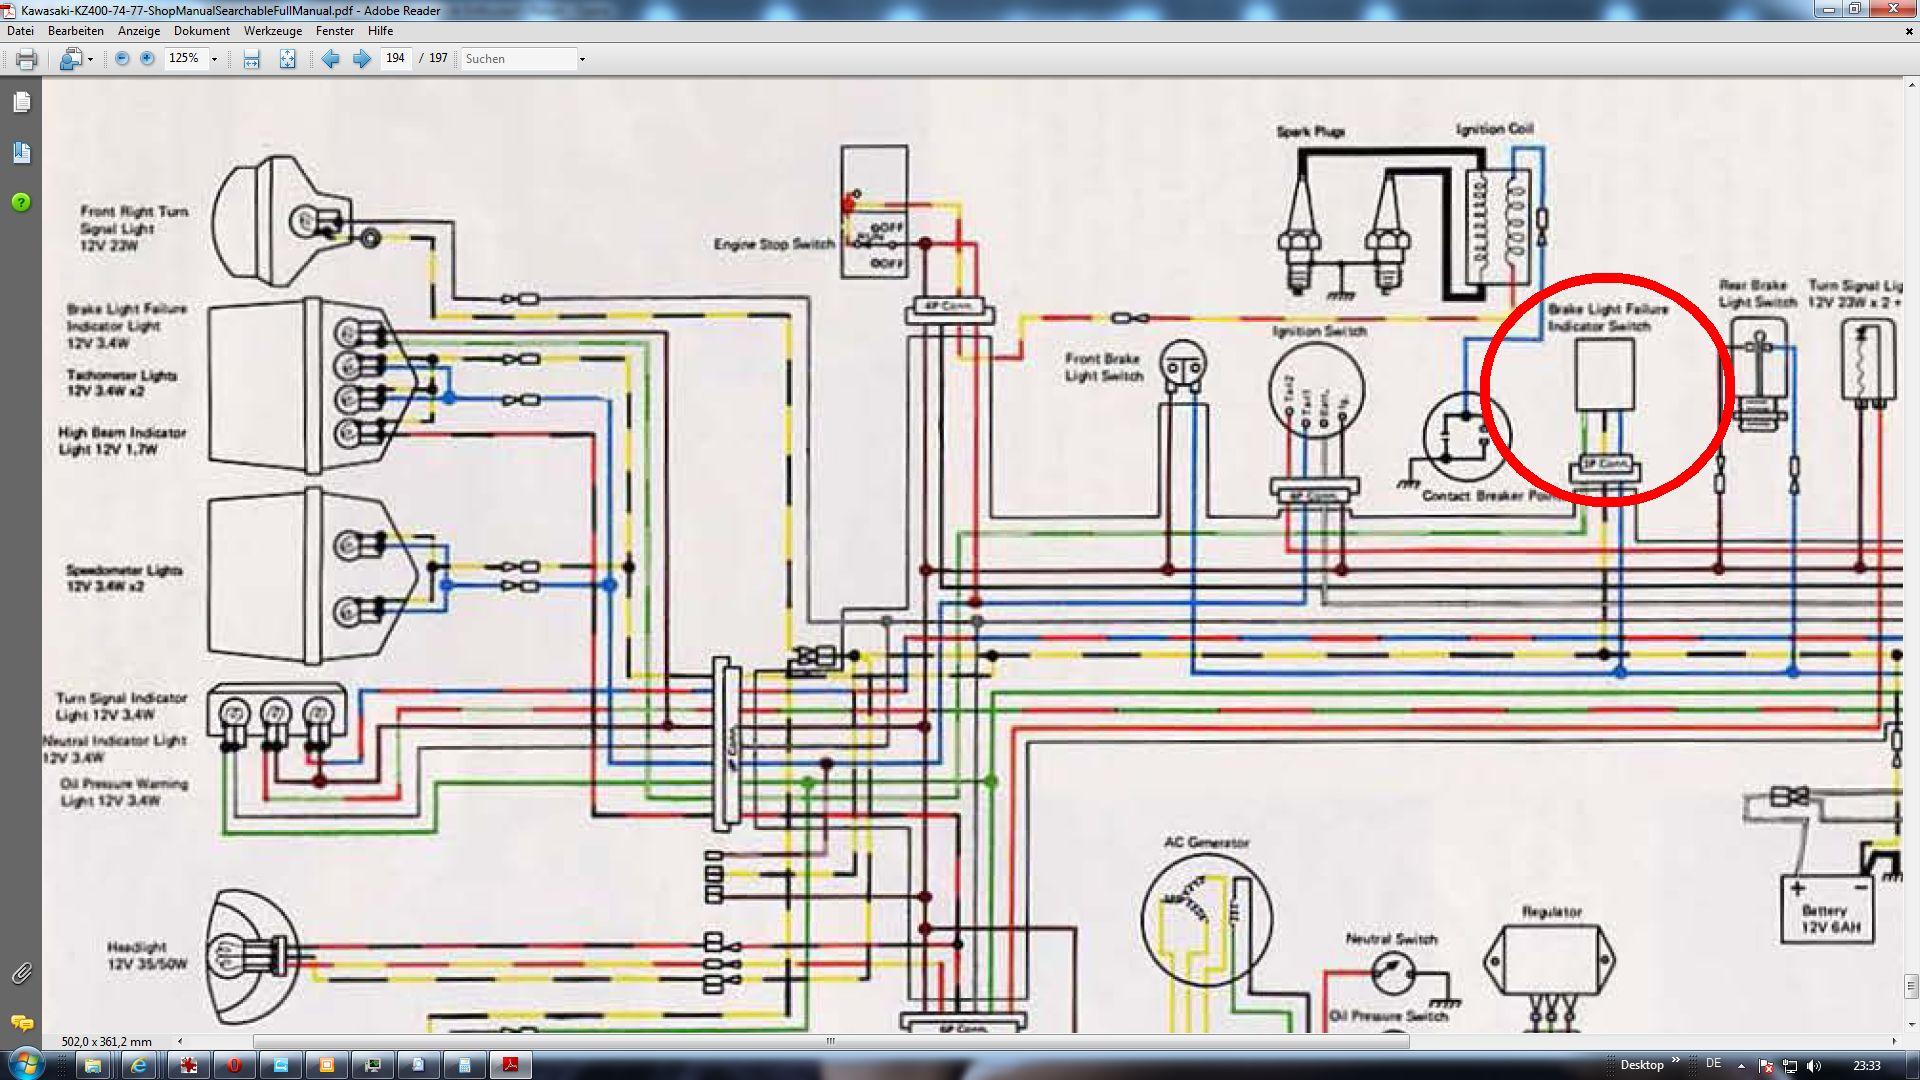 75 U0026 39 -78 U0026 39  Kz400 Stop Light Flashing - Kzrider Forum